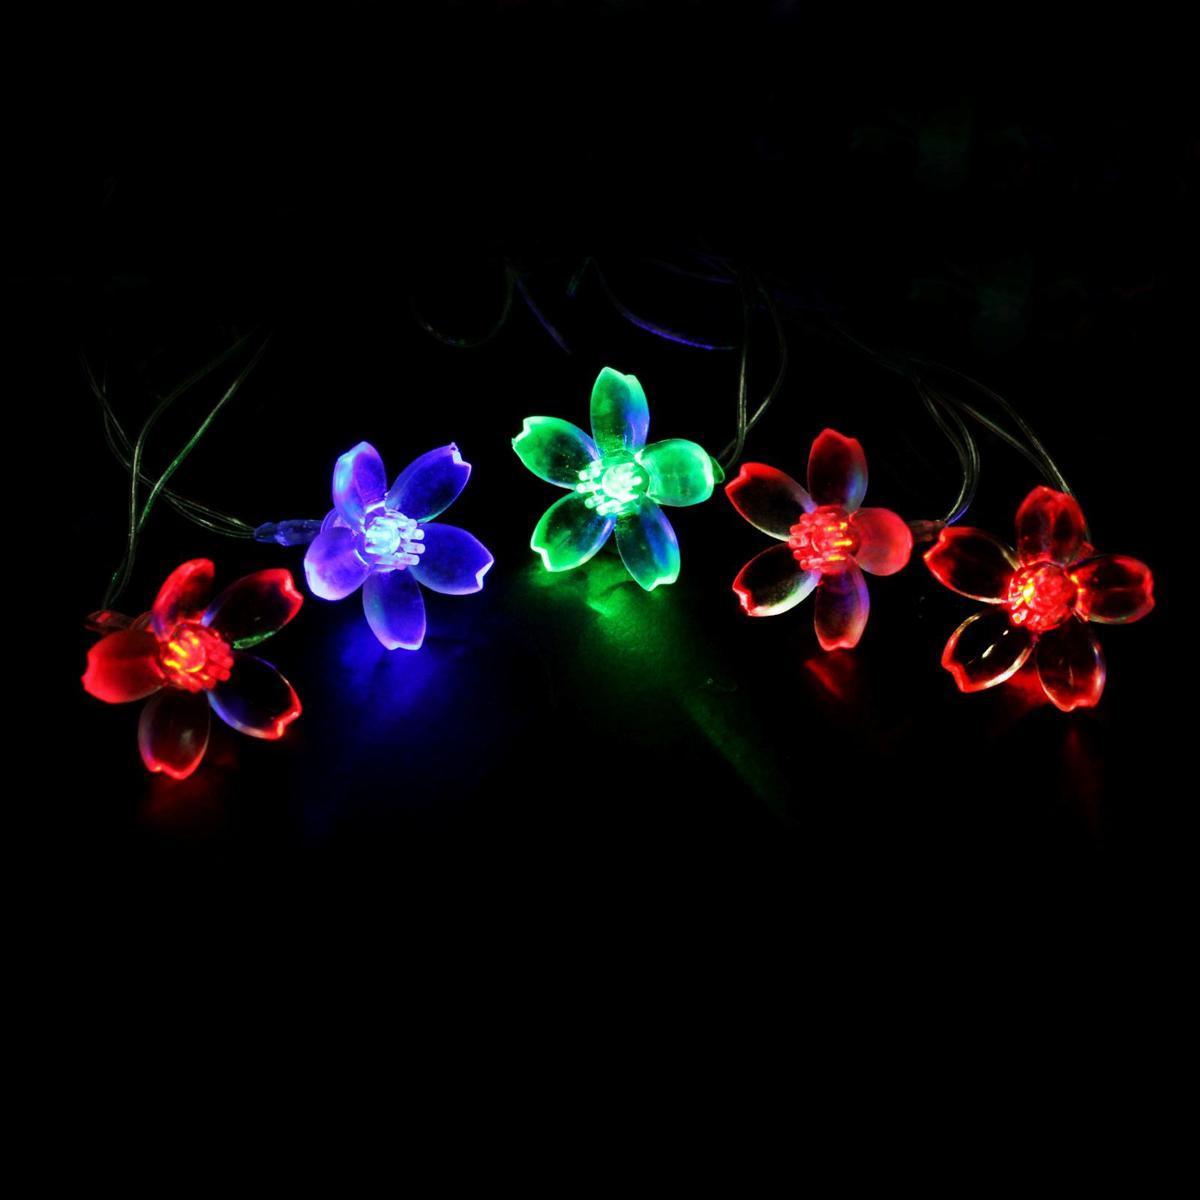 Гирлянда светодиодная Luazon Метраж. Лилия, 20 ламп, 220 V, длина 5 м541530Светодиодные гирлянды и ленты — это отличный вариант для новогоднего оформления интерьера или фасада. С их помощью помещение любого размера можно превратить в праздничный зал, а внешние элементы зданий, украшенные ими, мгновенно станут напоминать очертания сказочного дворца. Такие украшения создают ауру предвкушения чуда. Деревья, фасады, витрины, окна и арки будто специально созданы, чтобы вы украсили их светящимися нитями.